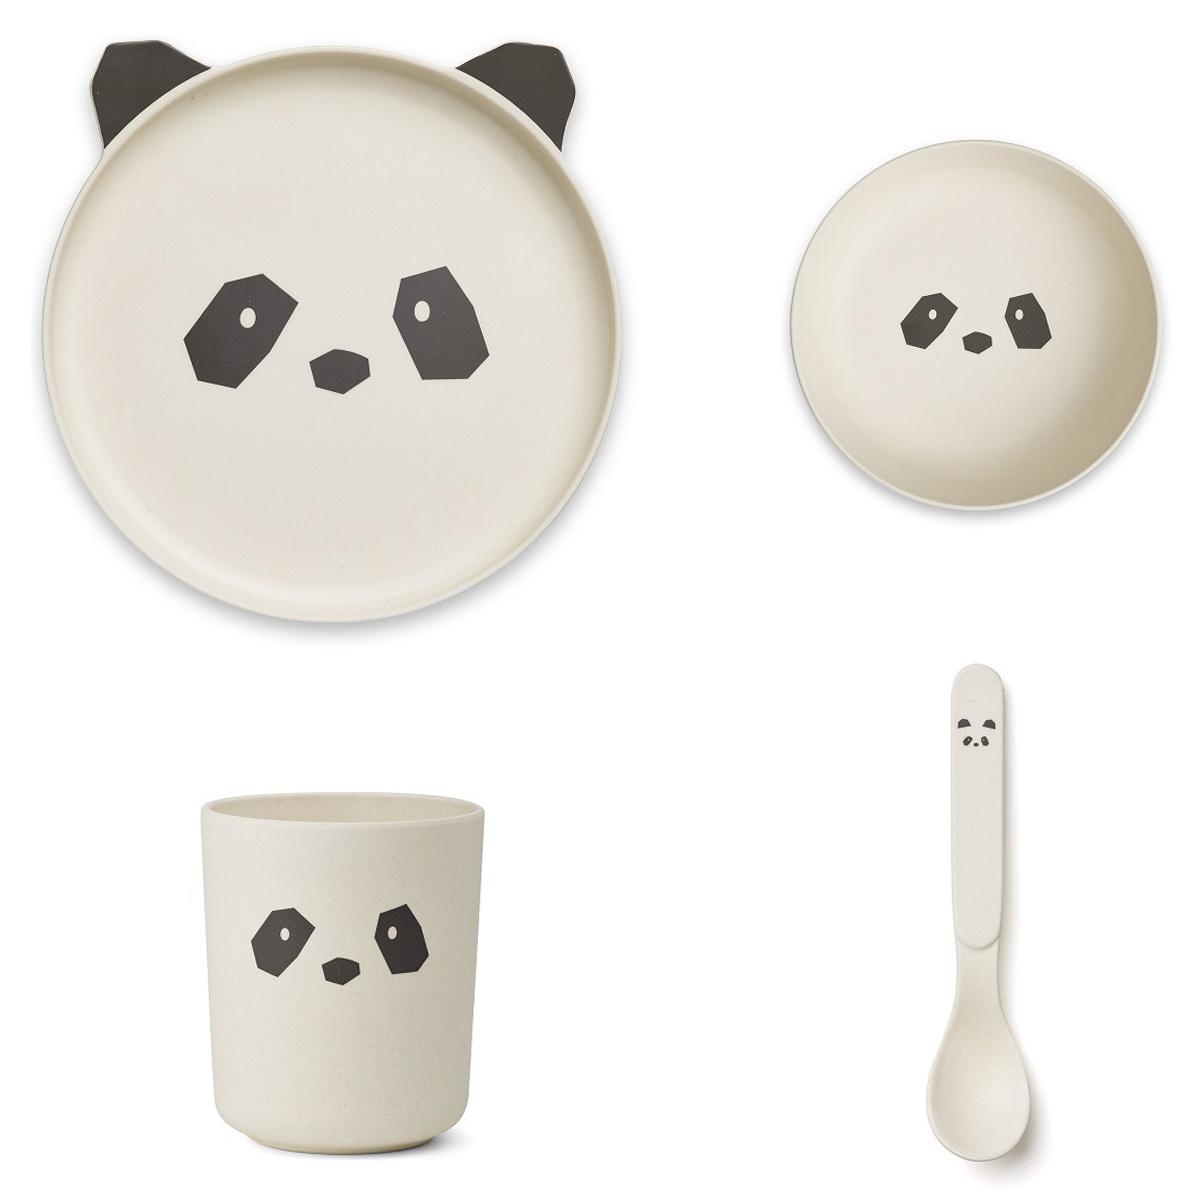 Coffret repas Set de Vaisselle Panda - Crème de la Crème Set de Vaisselle Panda - Crème de la Crème